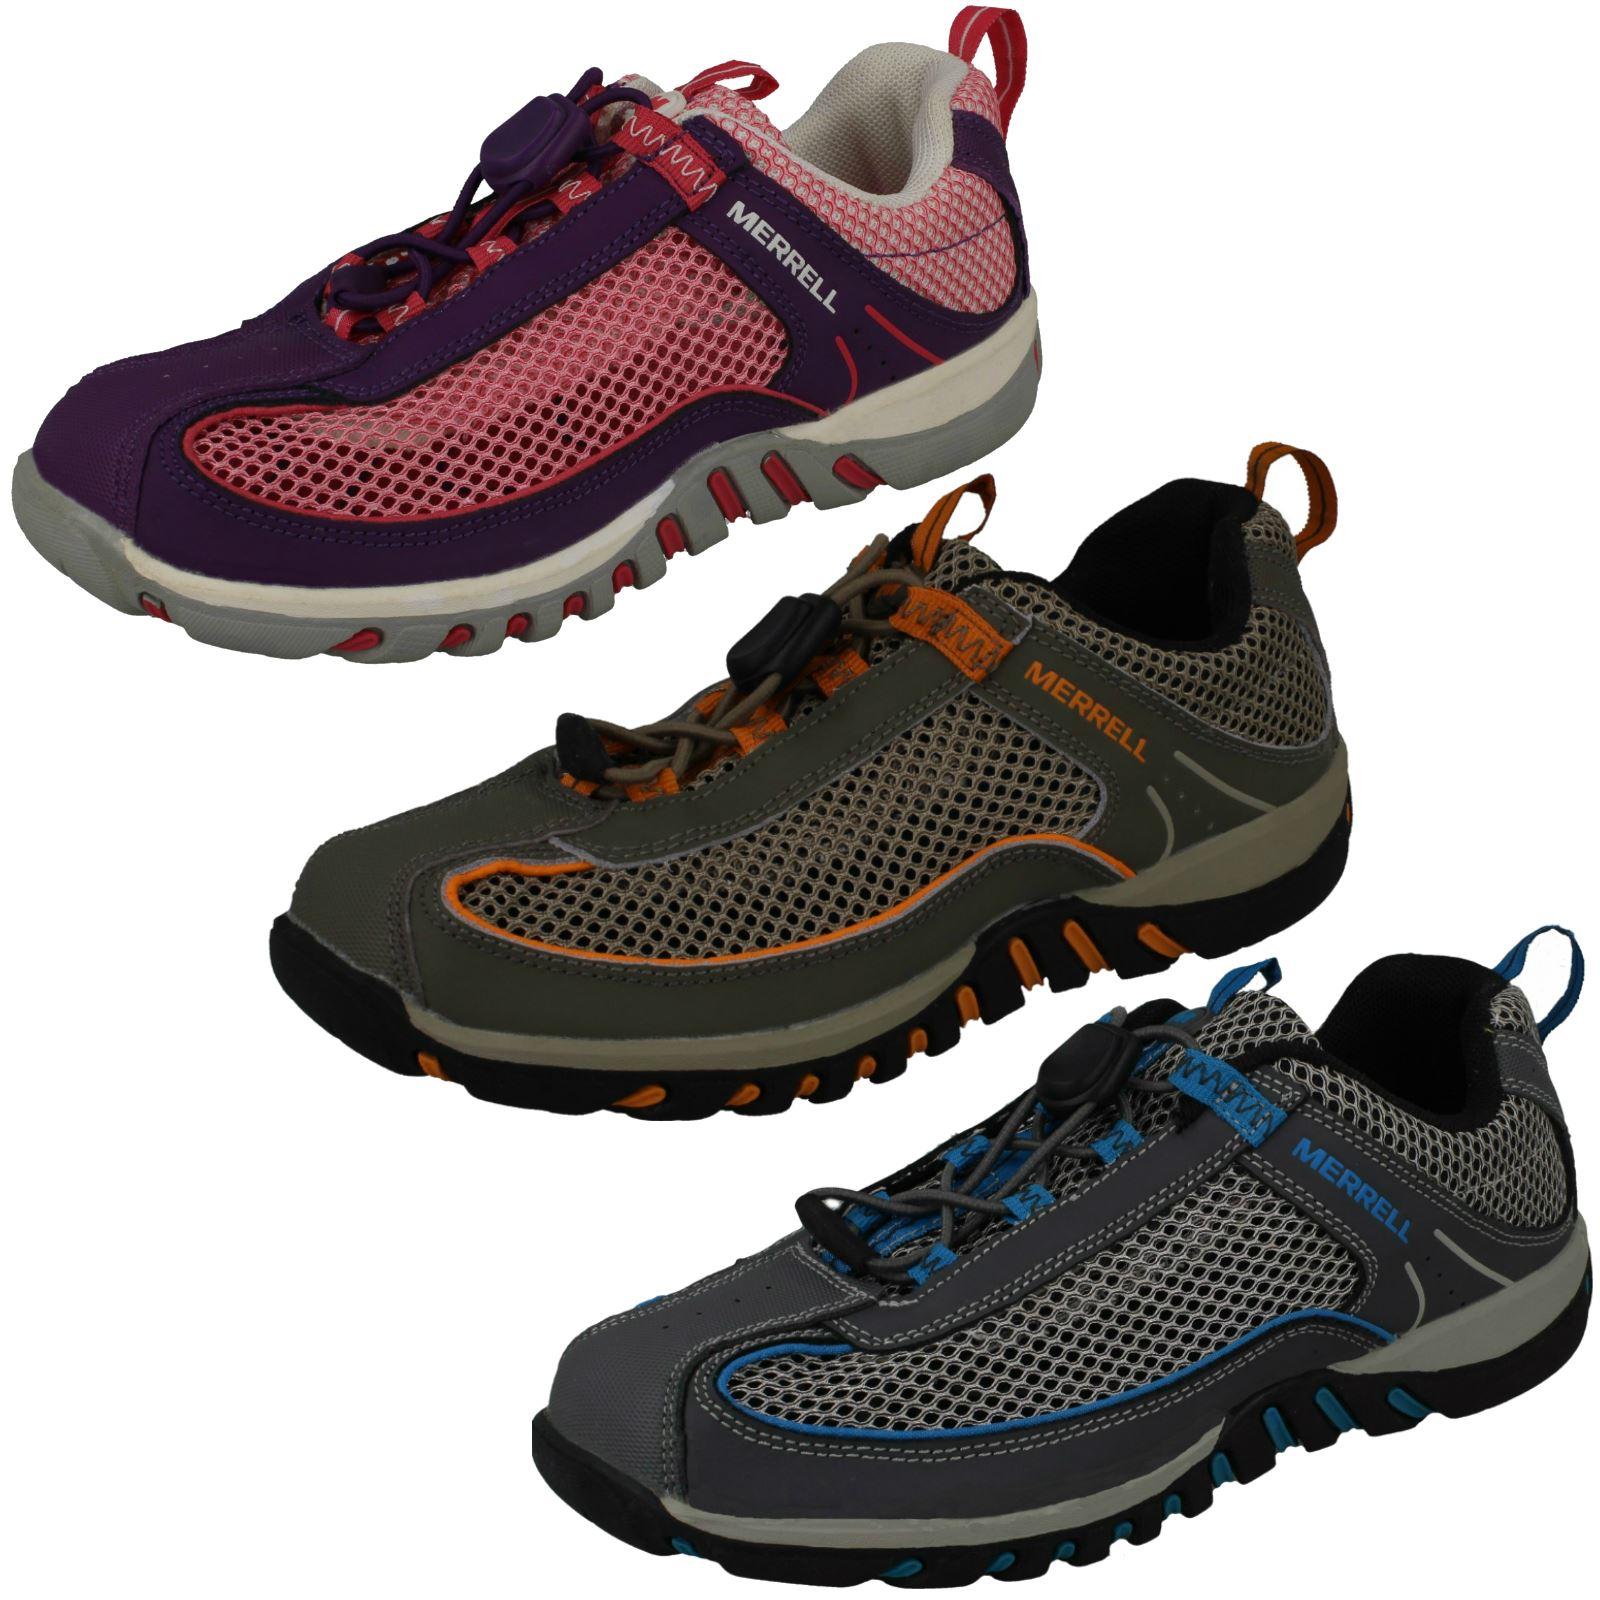 Children/'s Merrell Water Shoes Sizes 2-6 Waterpro Z-Rap